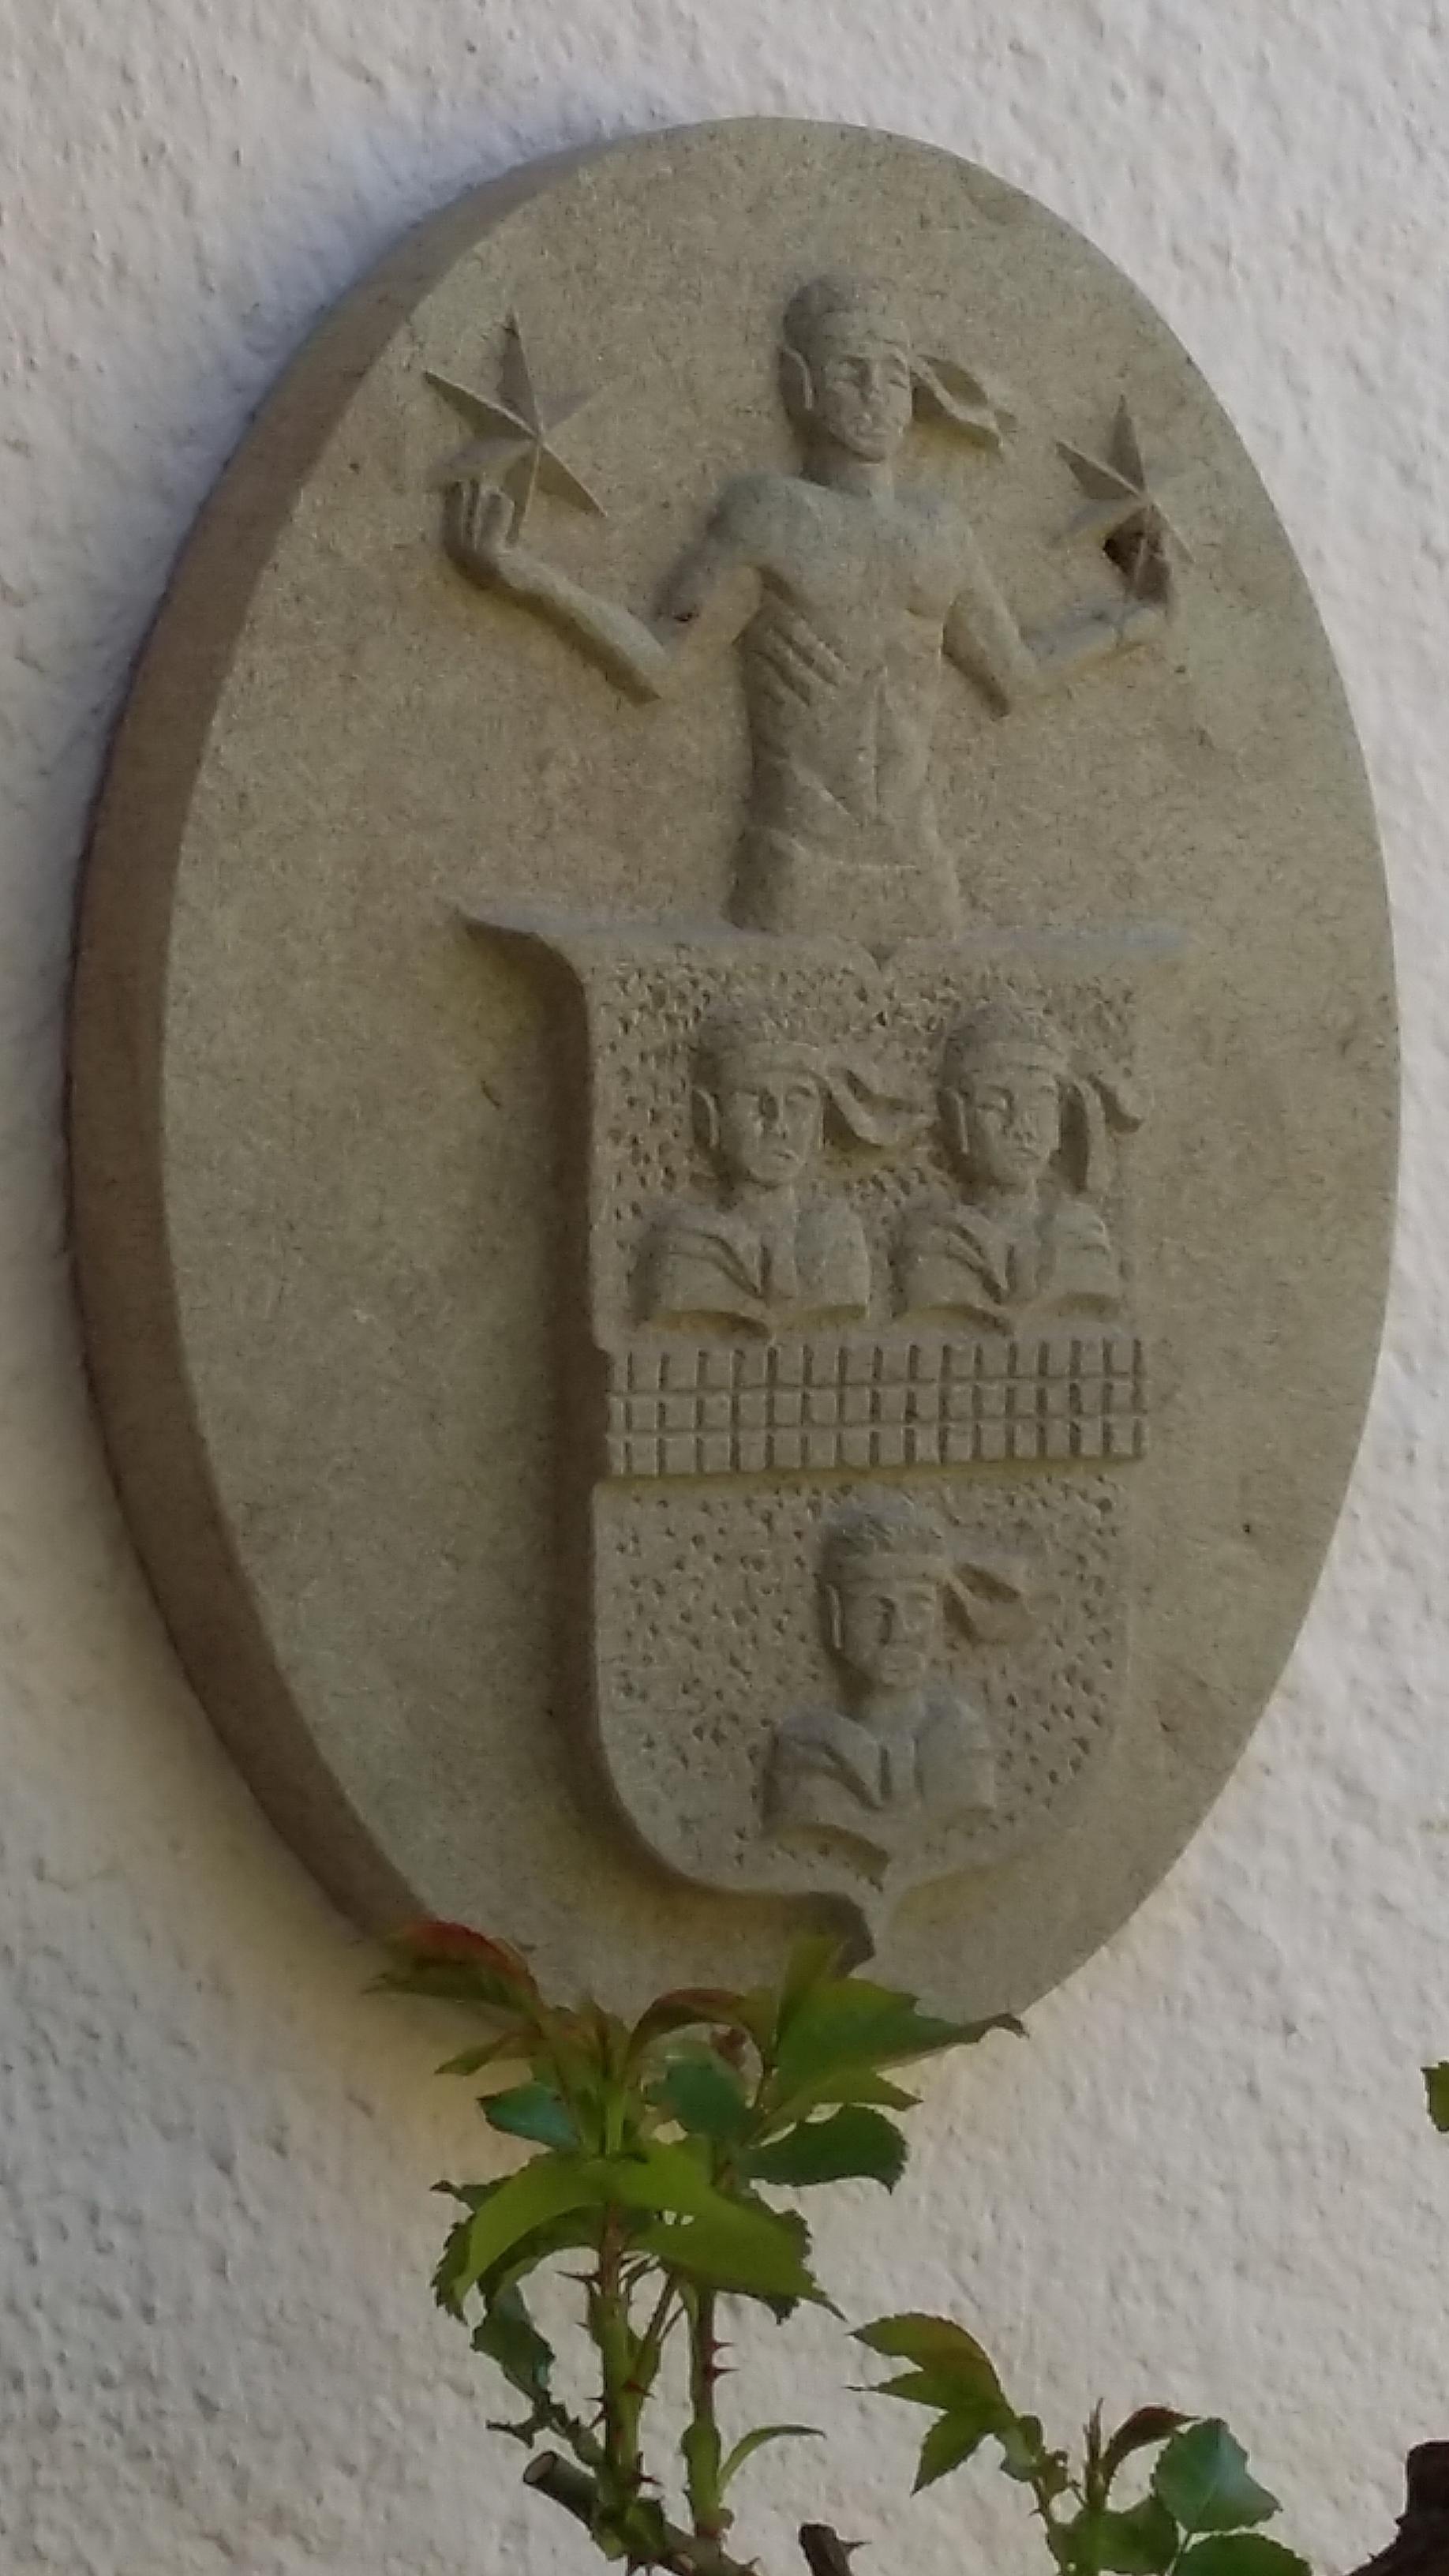 Stein-Glauser Haus und Garten